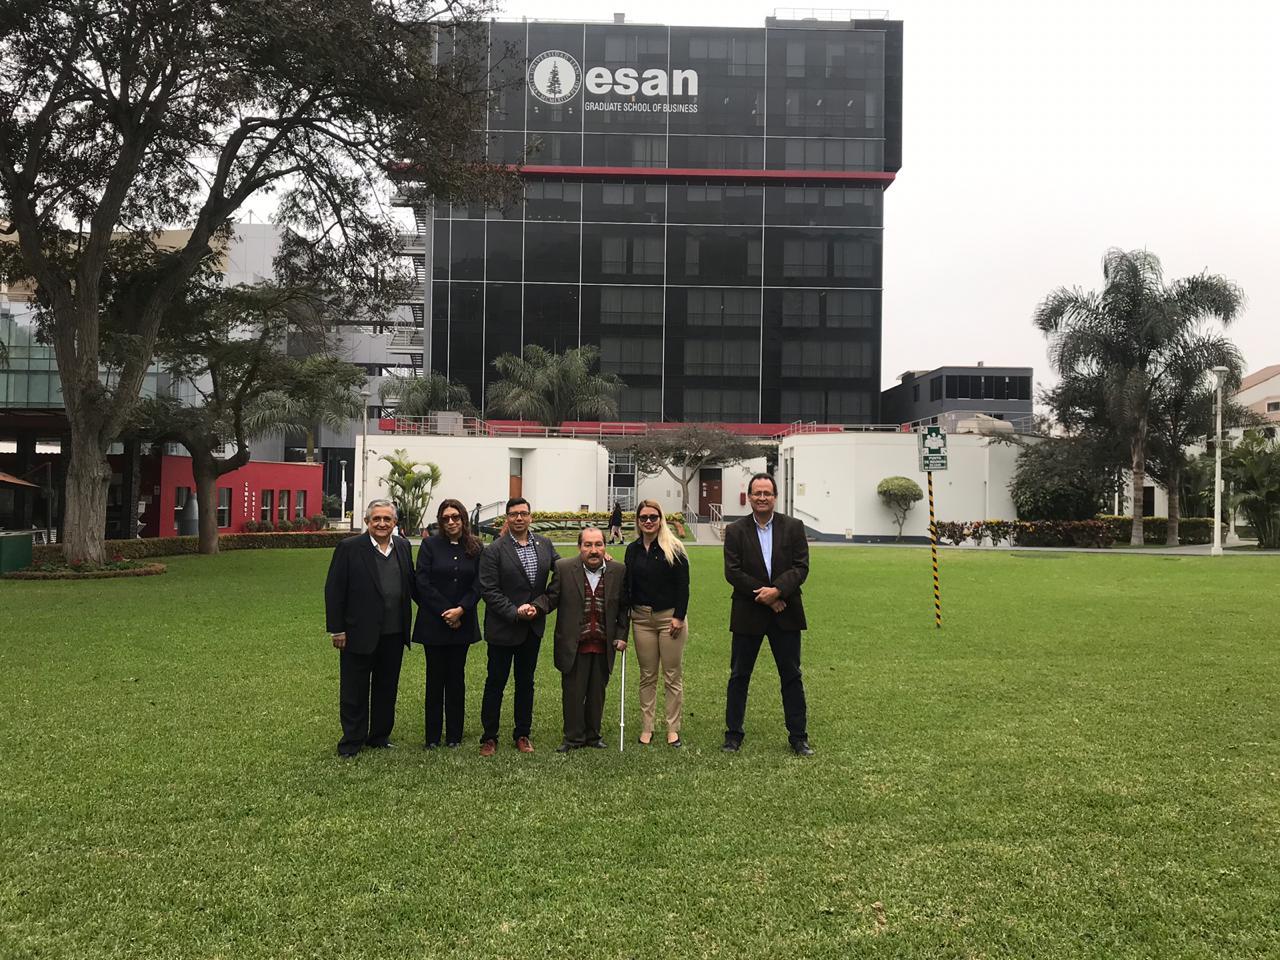 ICAP se reunió con la Escuela Superior de Administración y Negocios de Perú para explorar futuras opciones de trabajo entre Centroamérica y la región andina